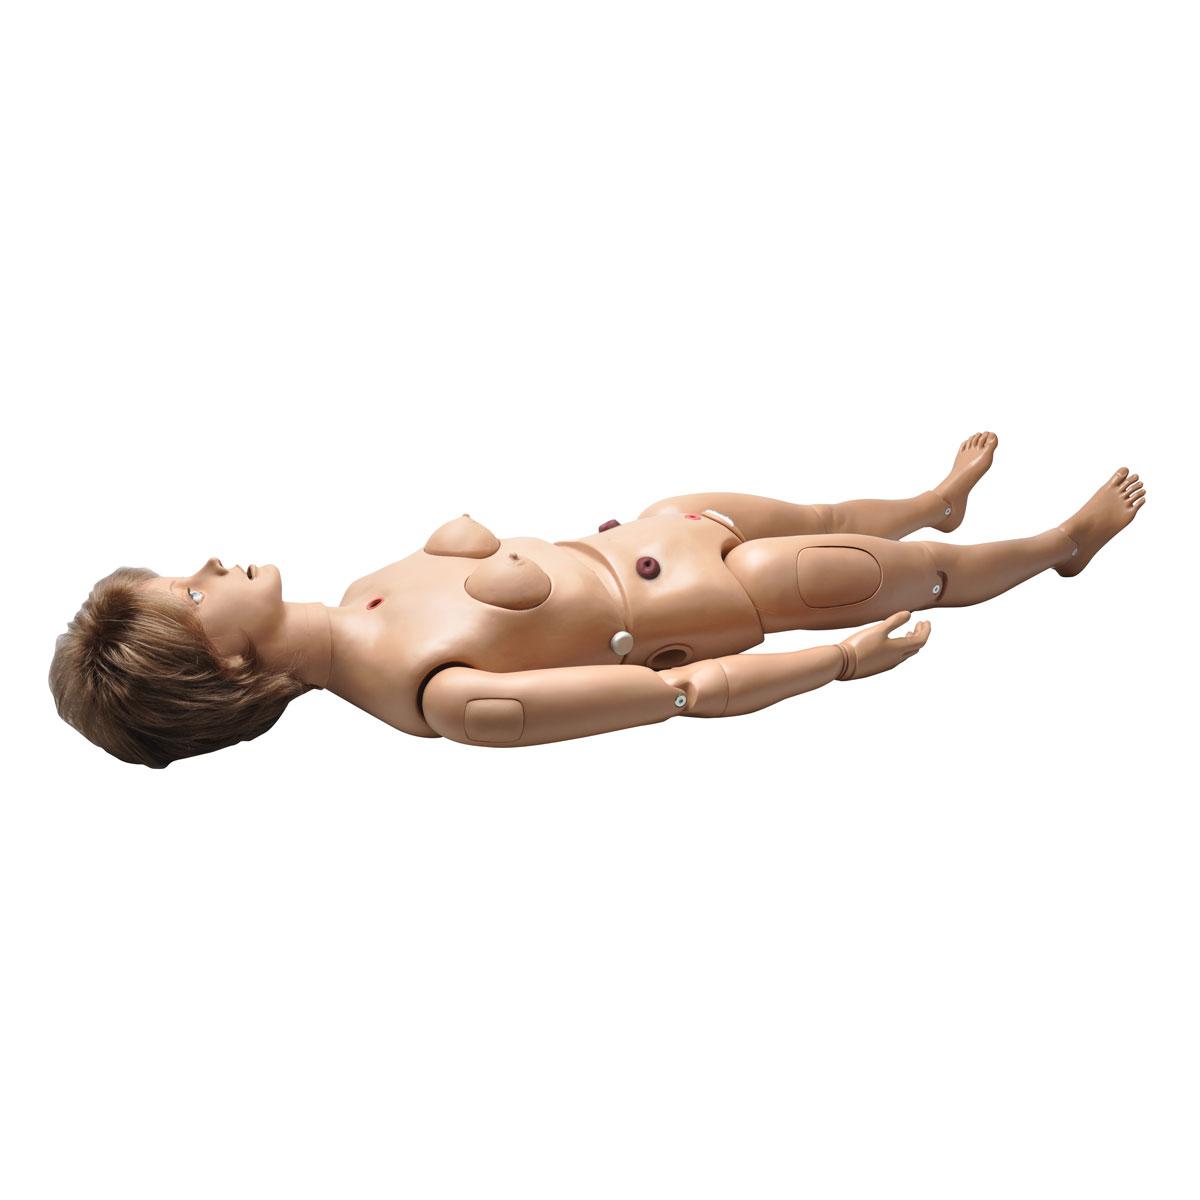 simulateur de soins aux patients clinical chloe avec stomates model es 1017542 w45052 s221. Black Bedroom Furniture Sets. Home Design Ideas